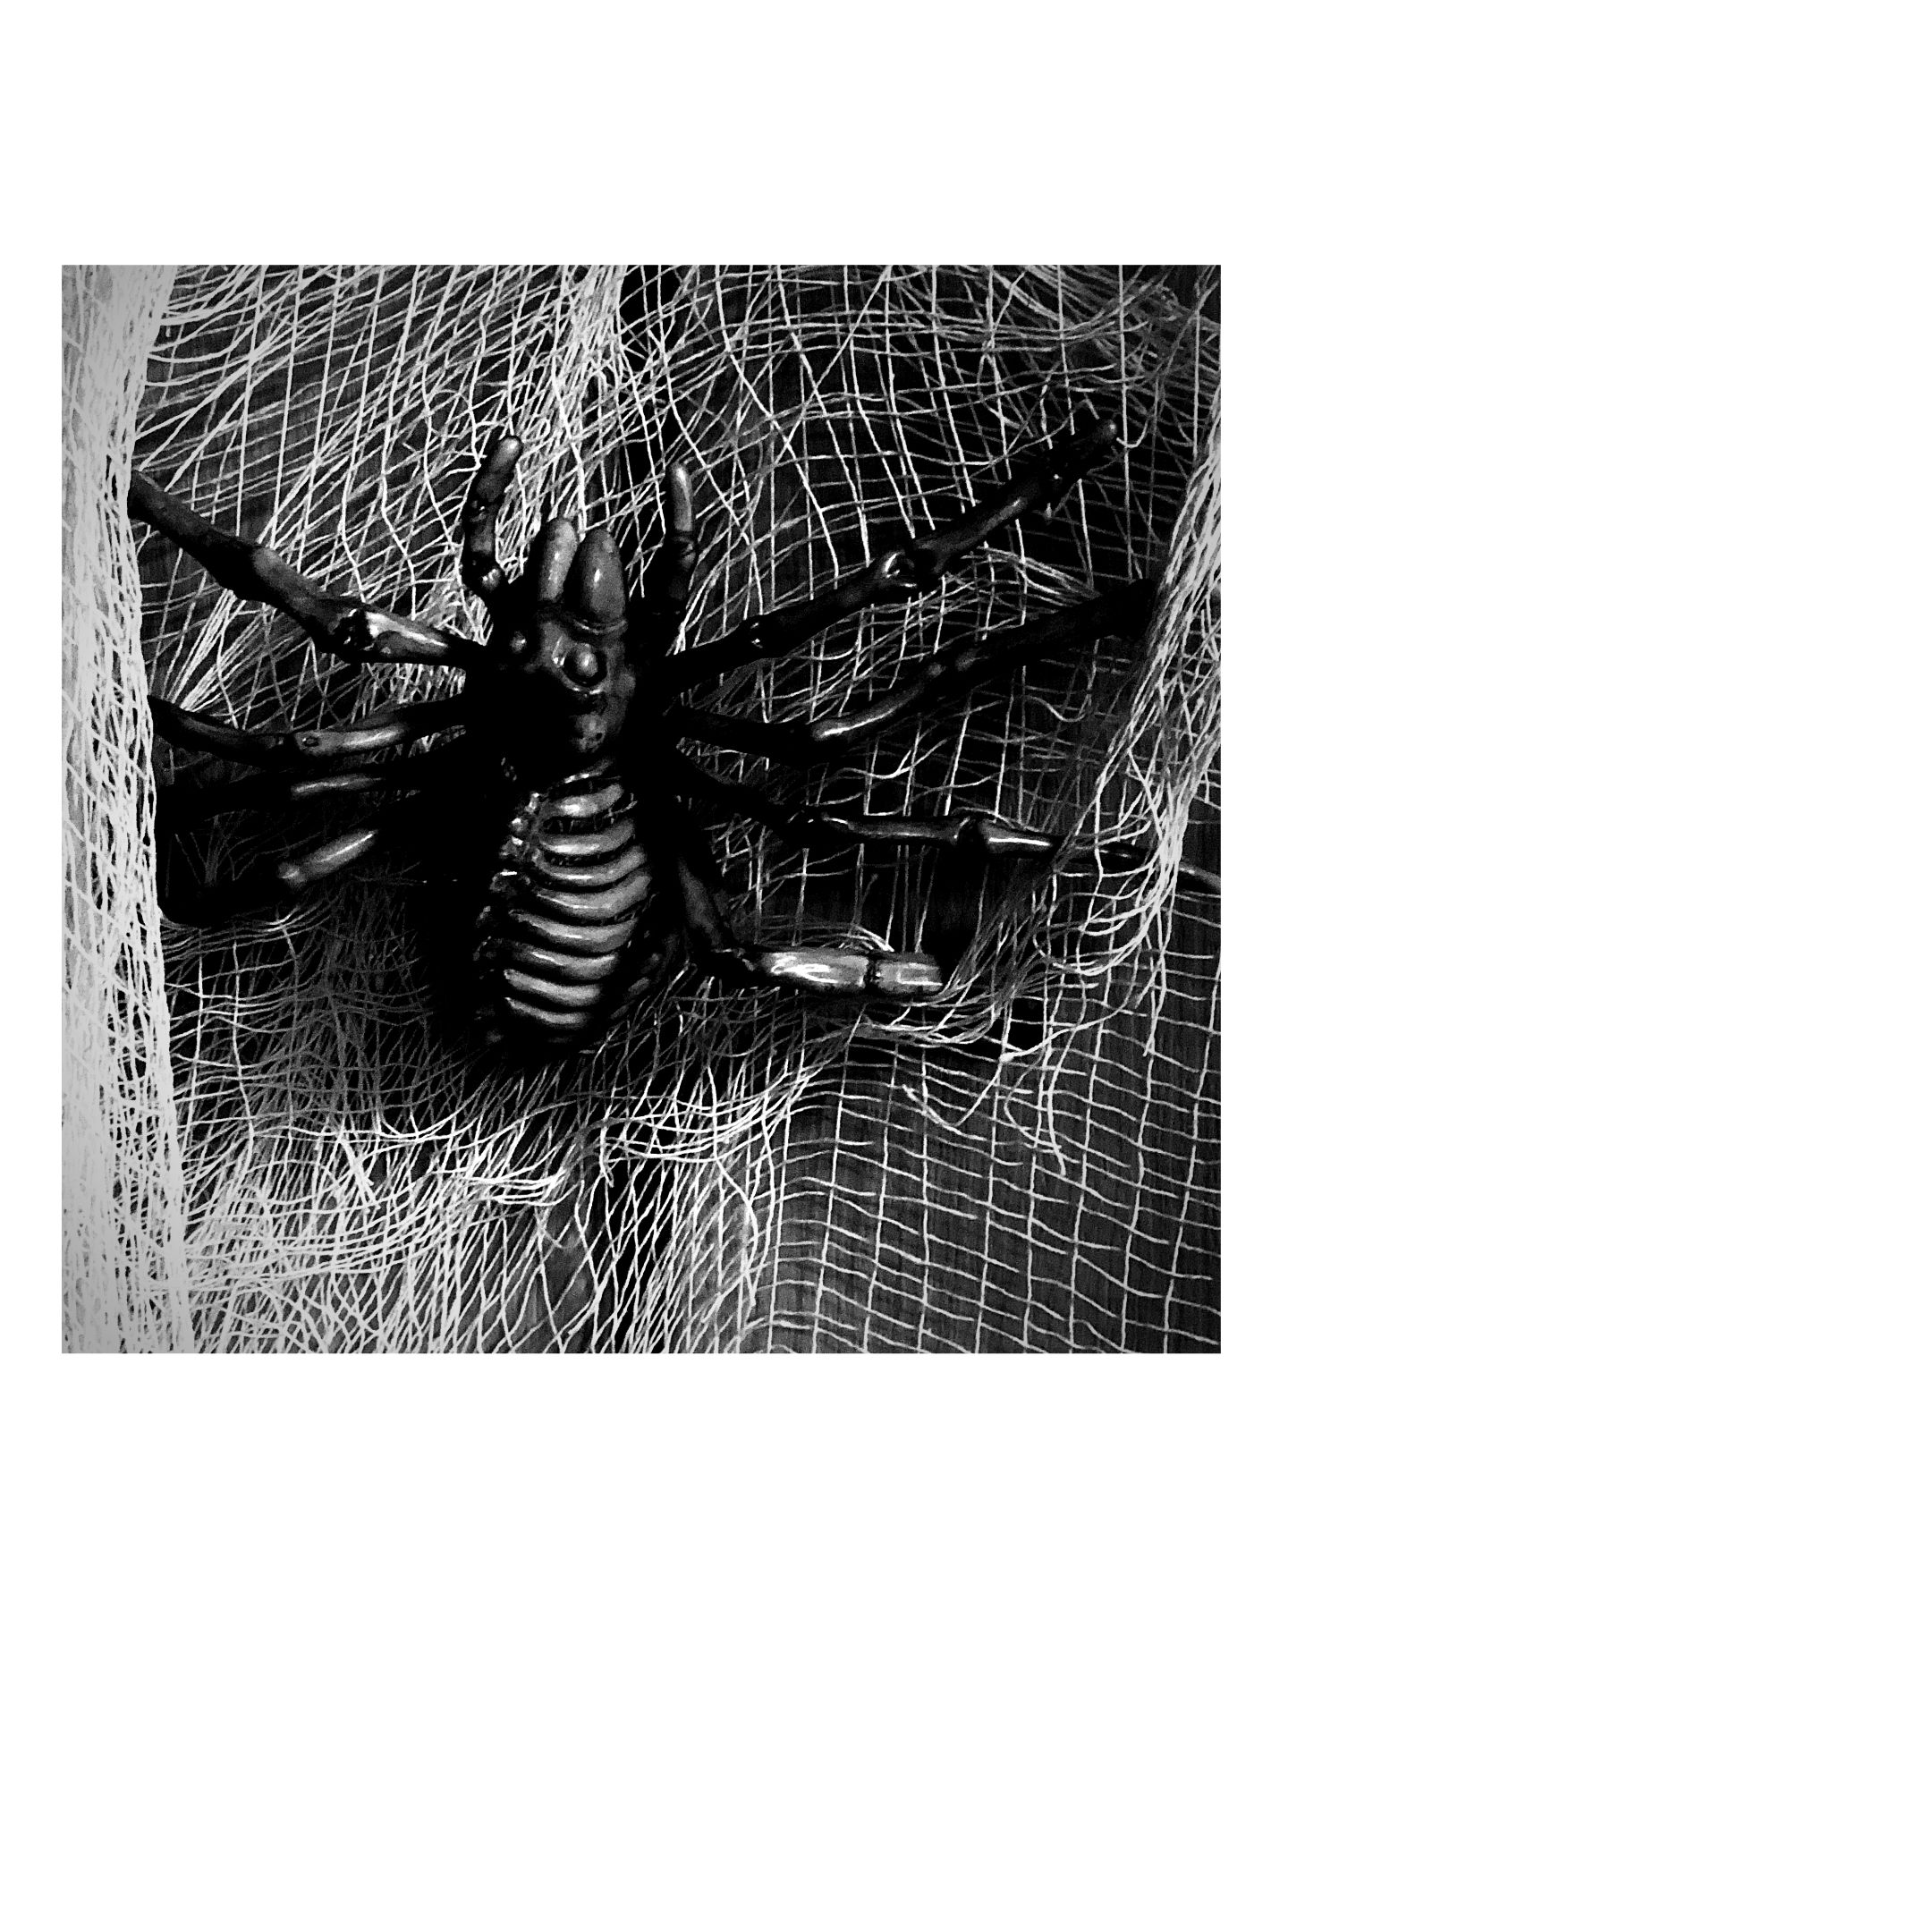 skele-spider